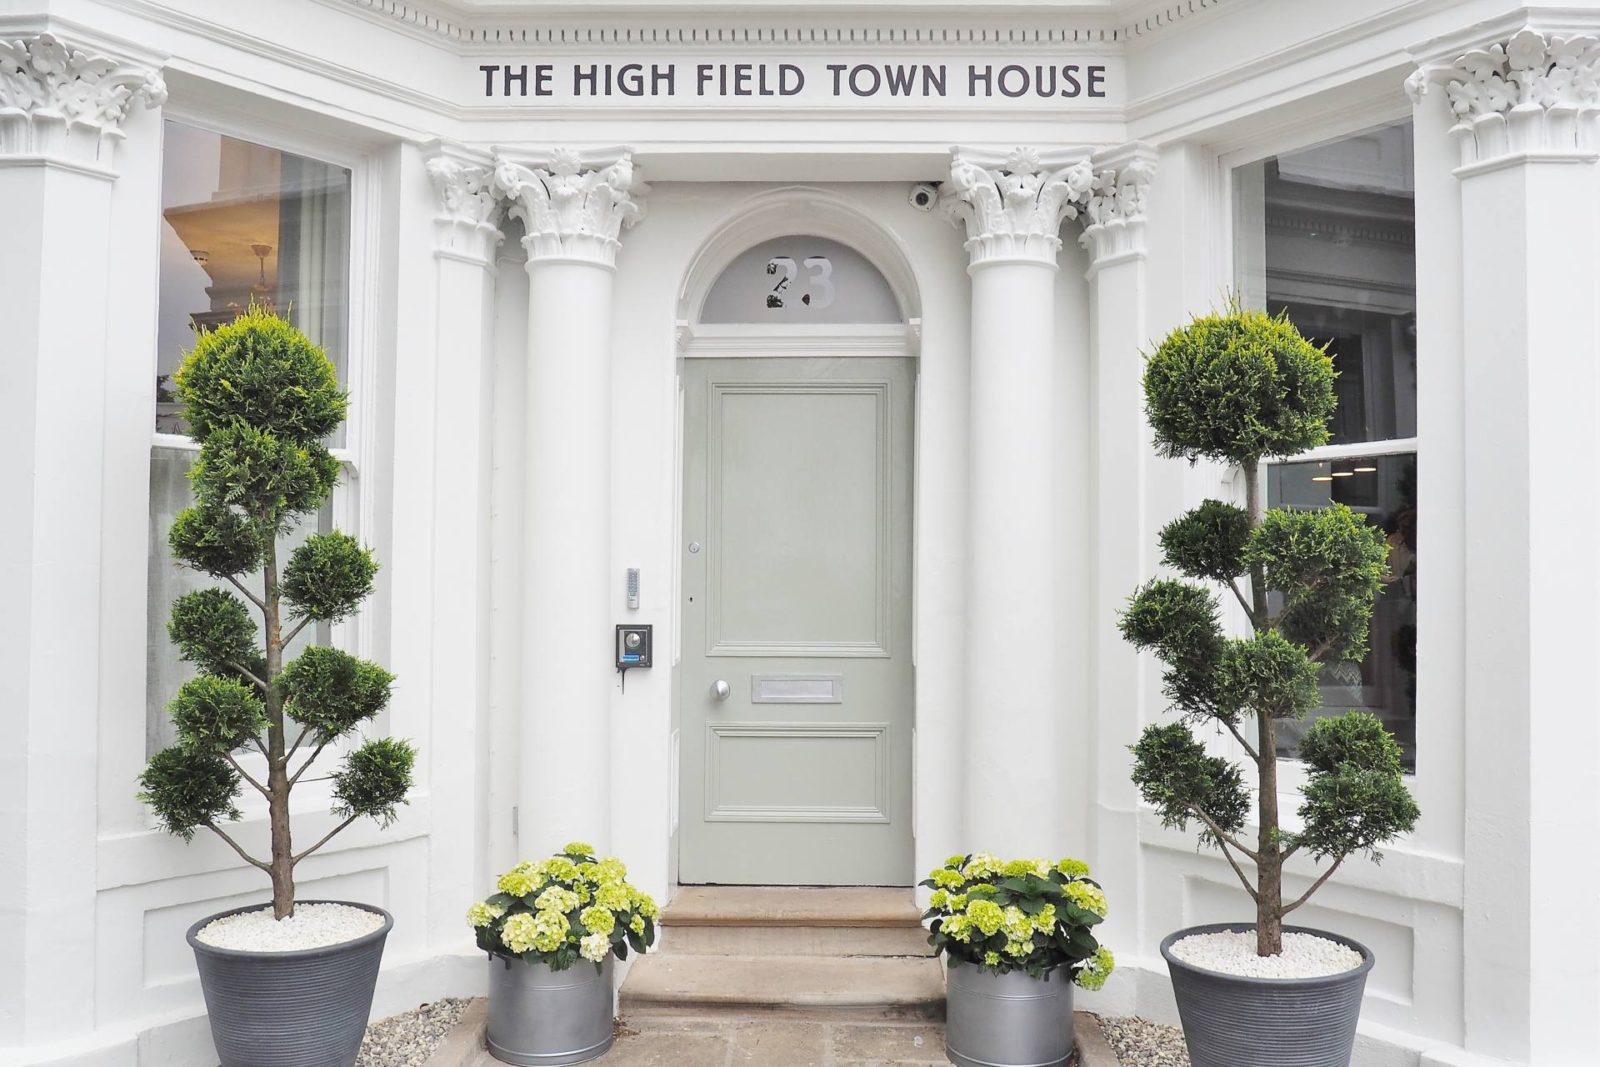 High Field Townhouse Edgbaston